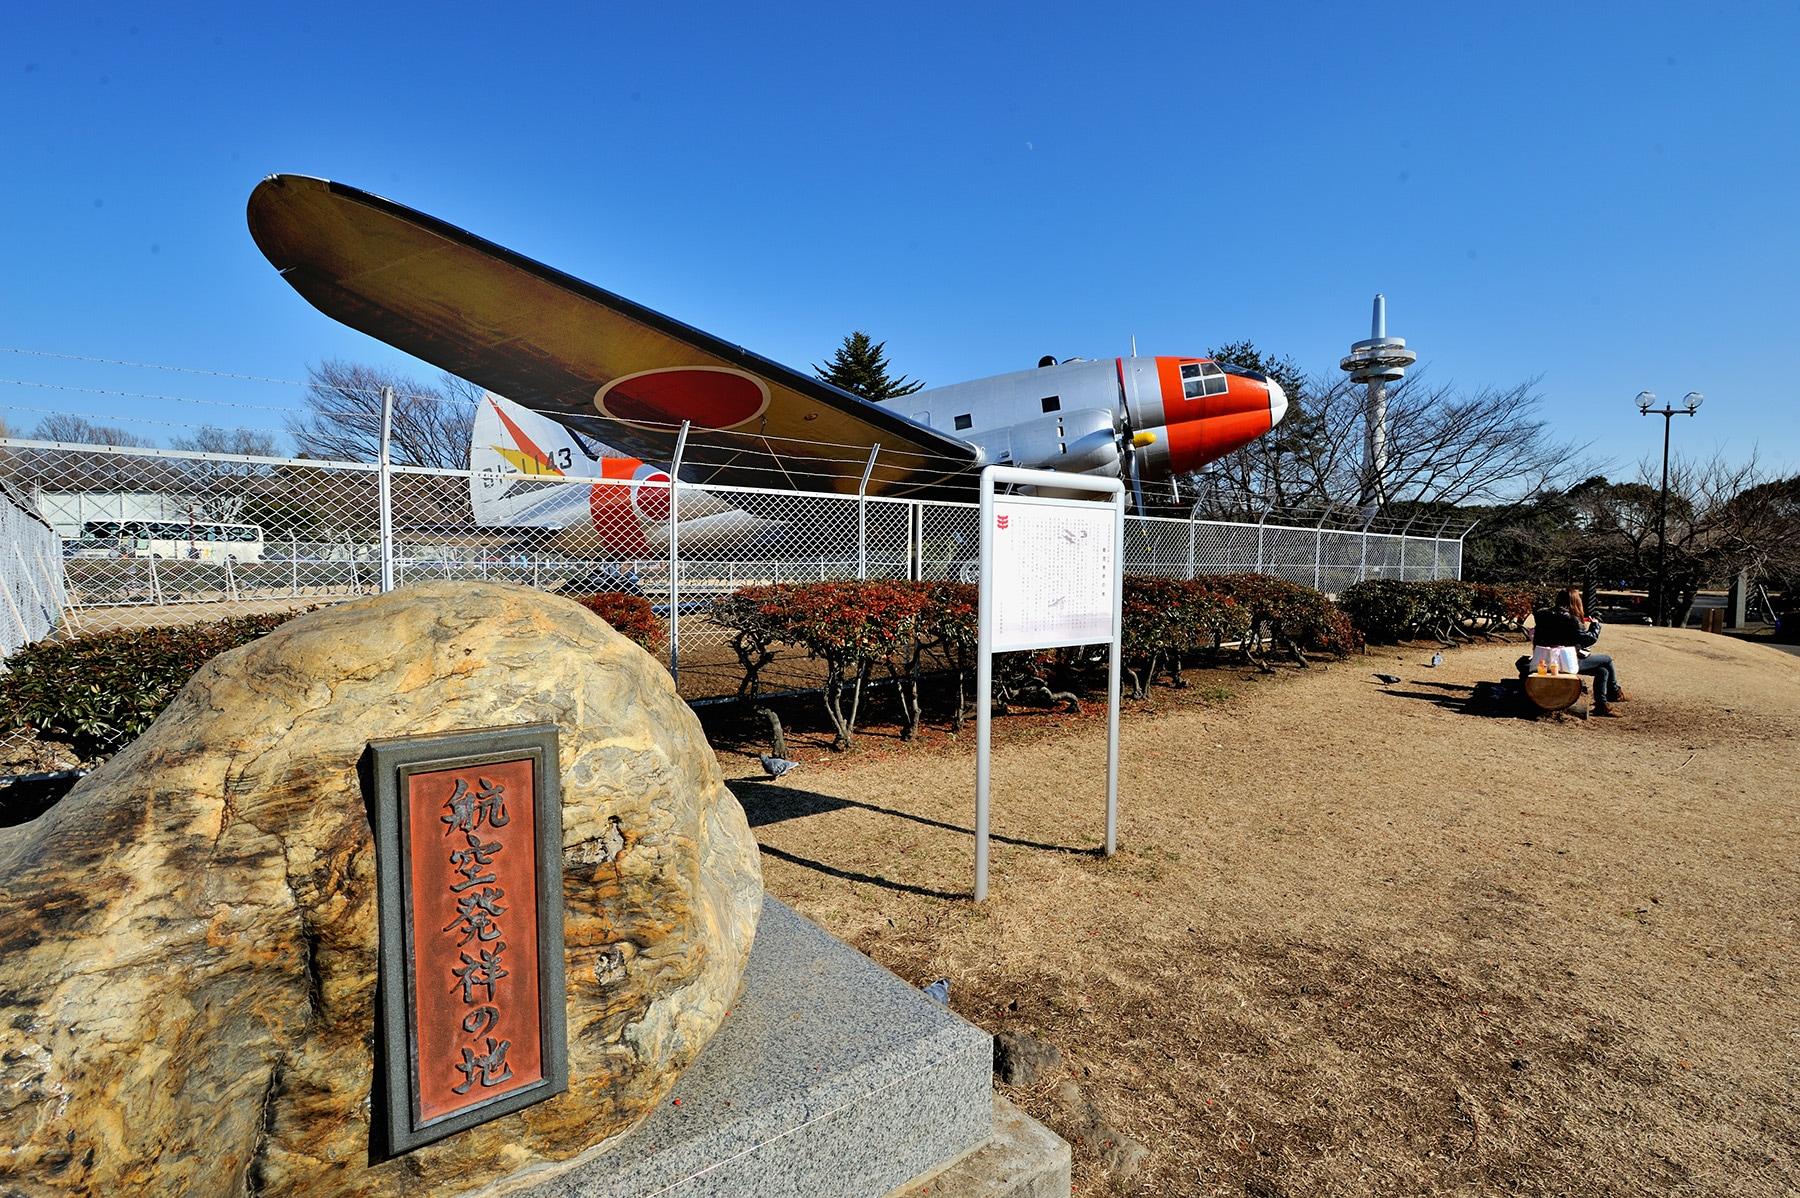 発祥 地 の 航空 日本